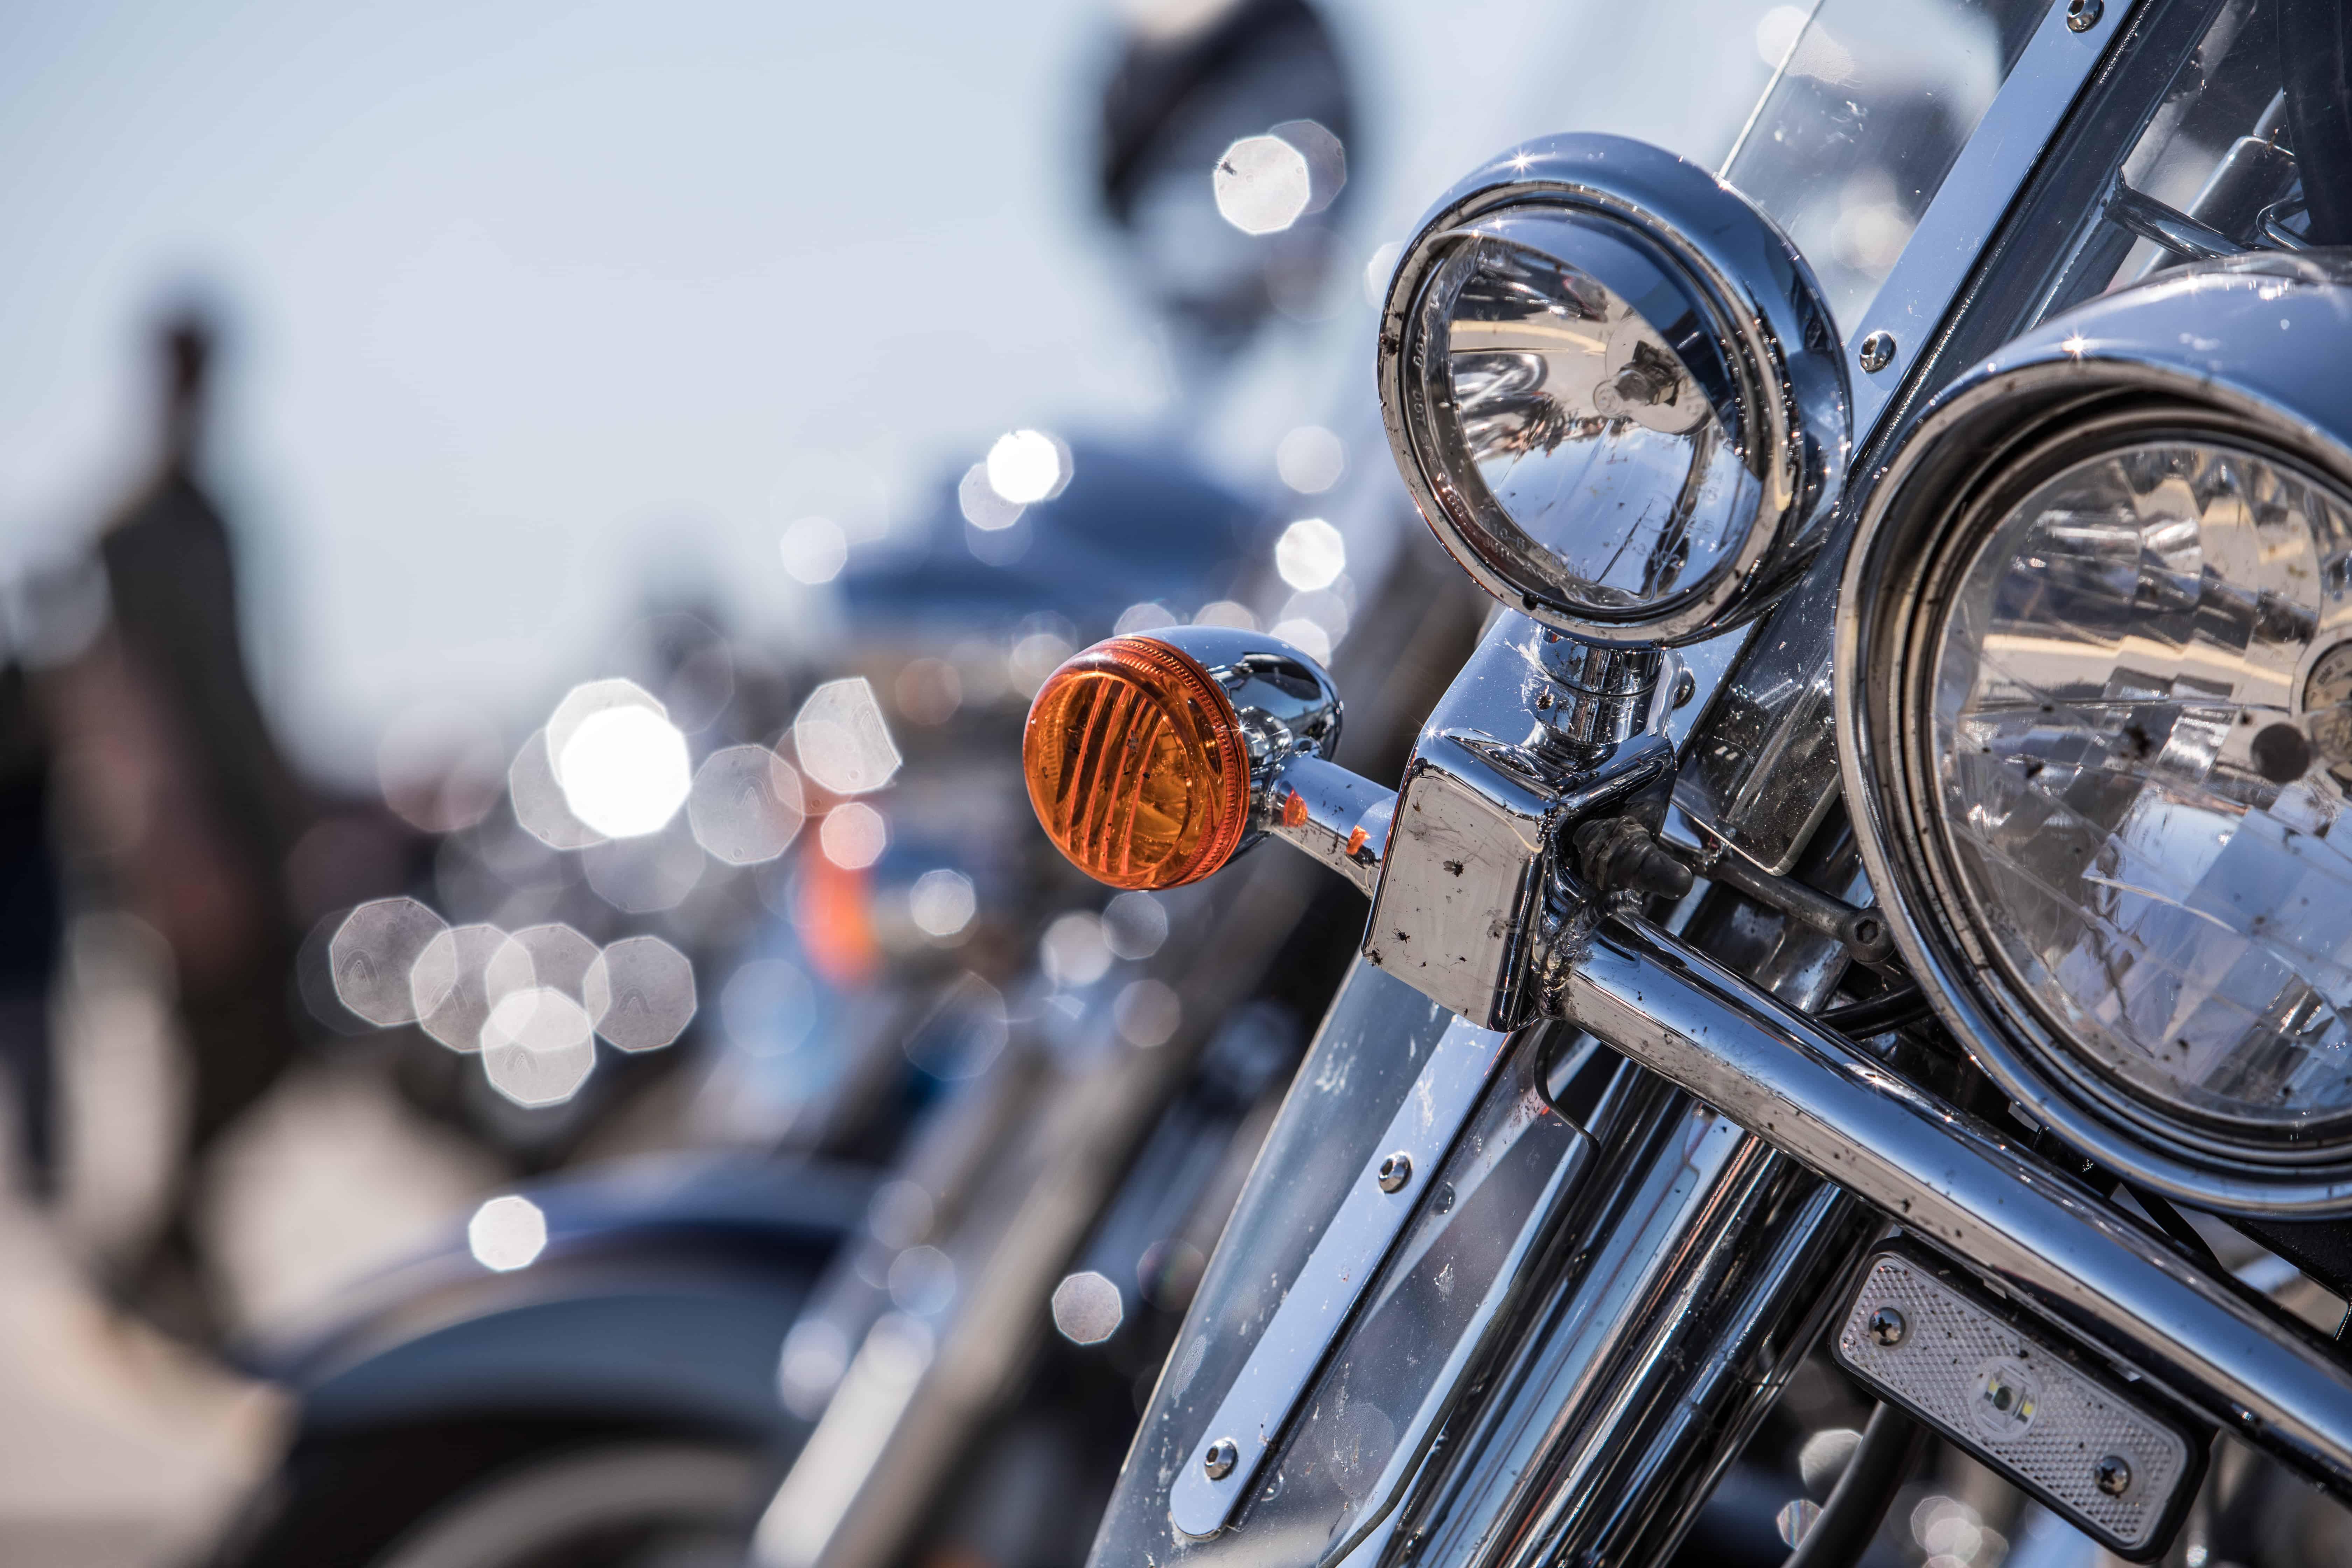 Antonio Aguirre Killed in Atwood Avenue Motorcycle Crash [Moreno Valley, CA]